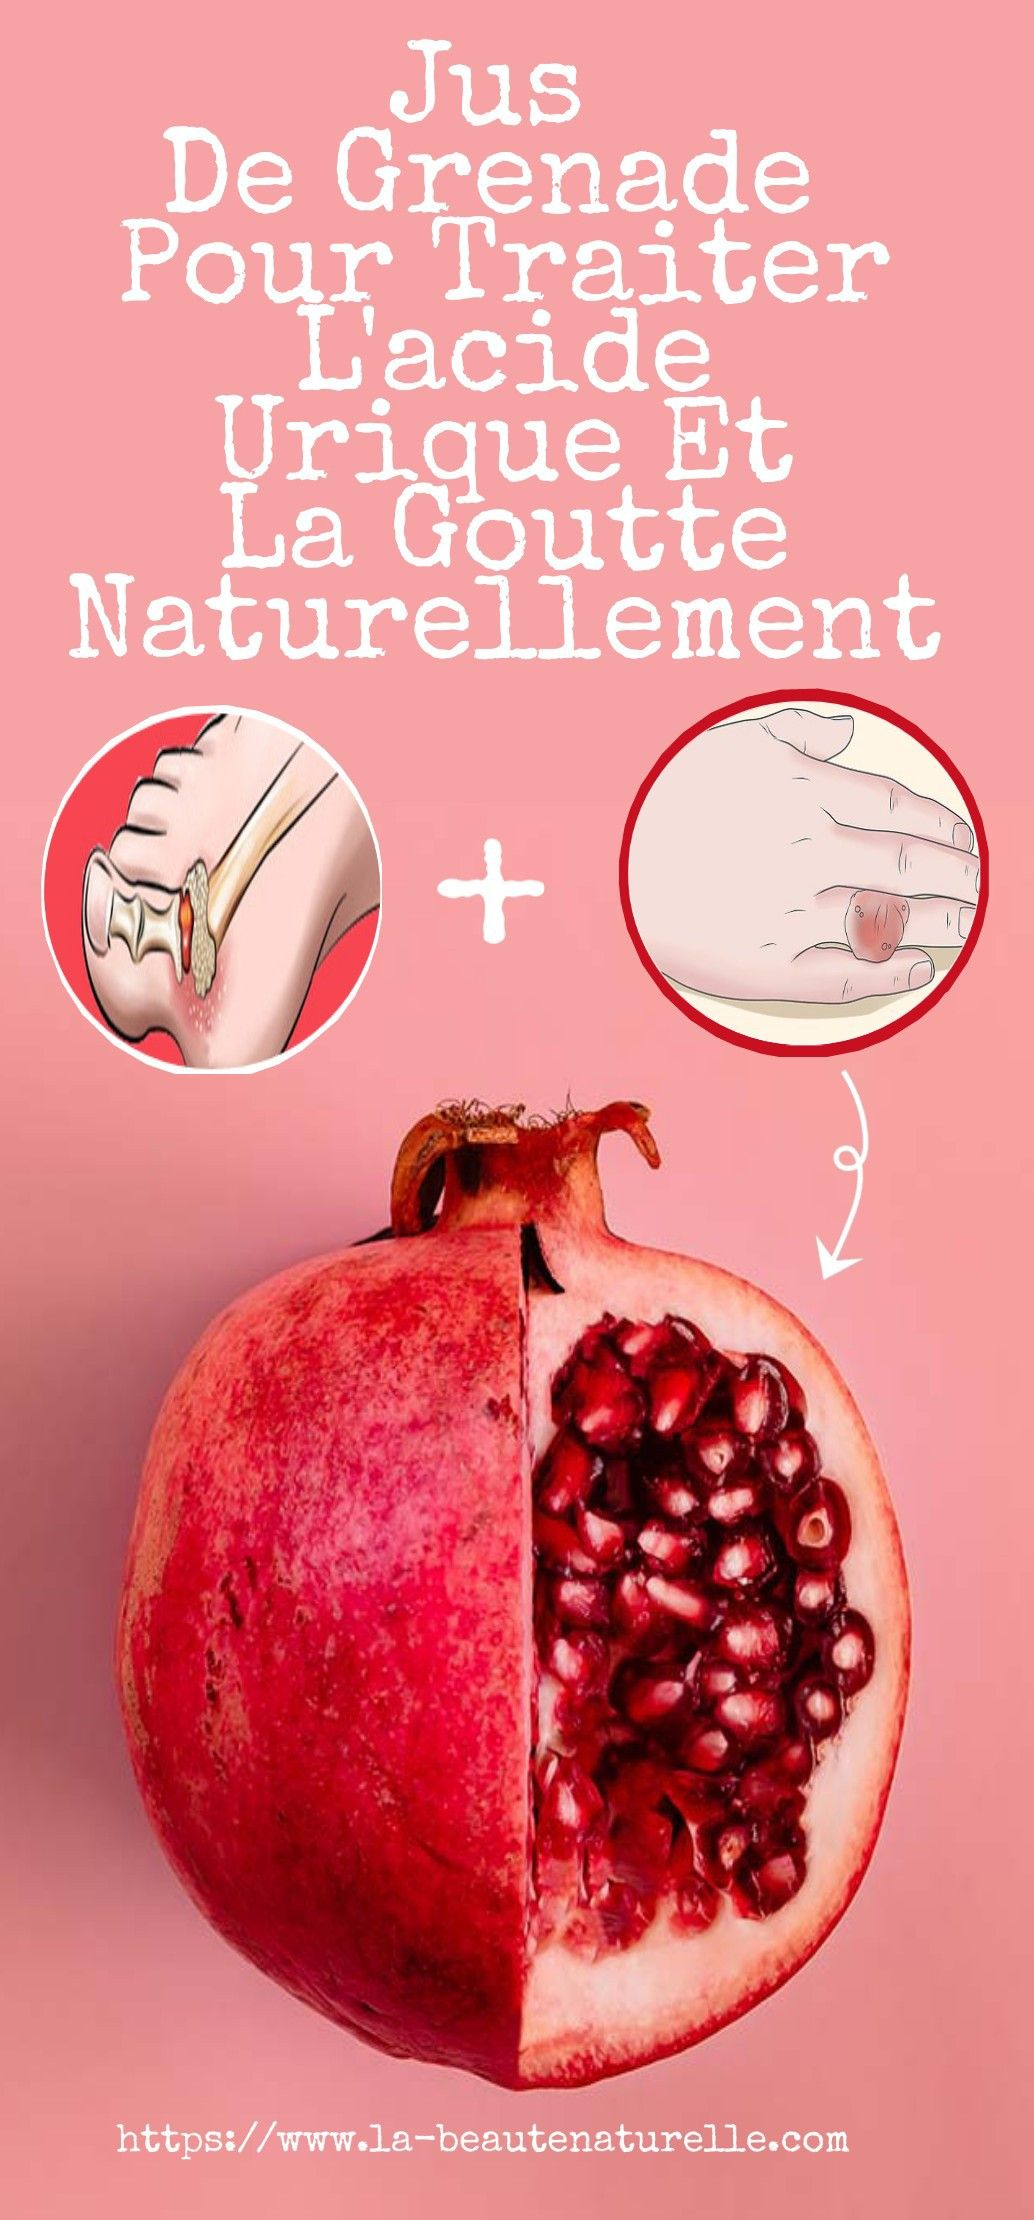 Acide Urique Traitement Par Les Plantes : acide, urique, traitement, plantes, Santé